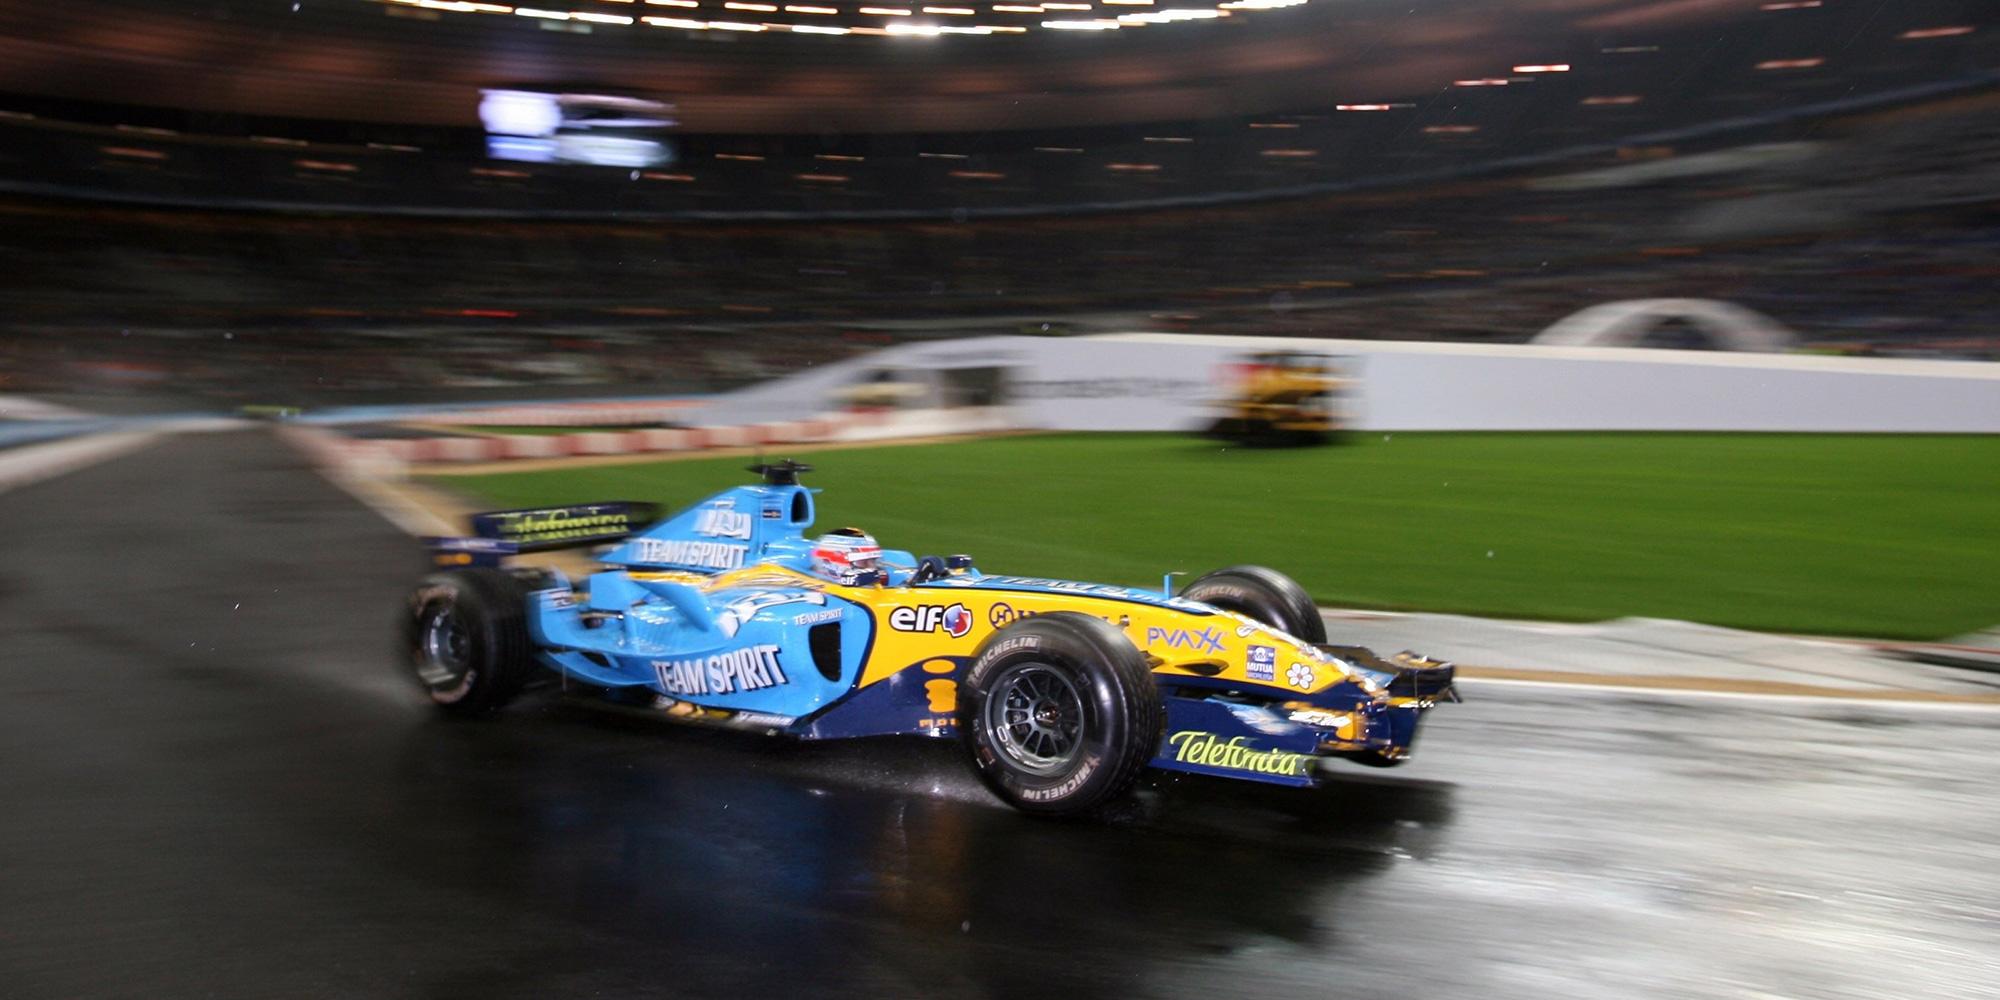 Renault R26, Gewinn der Formel 1-Weltmeisterschaft 2006